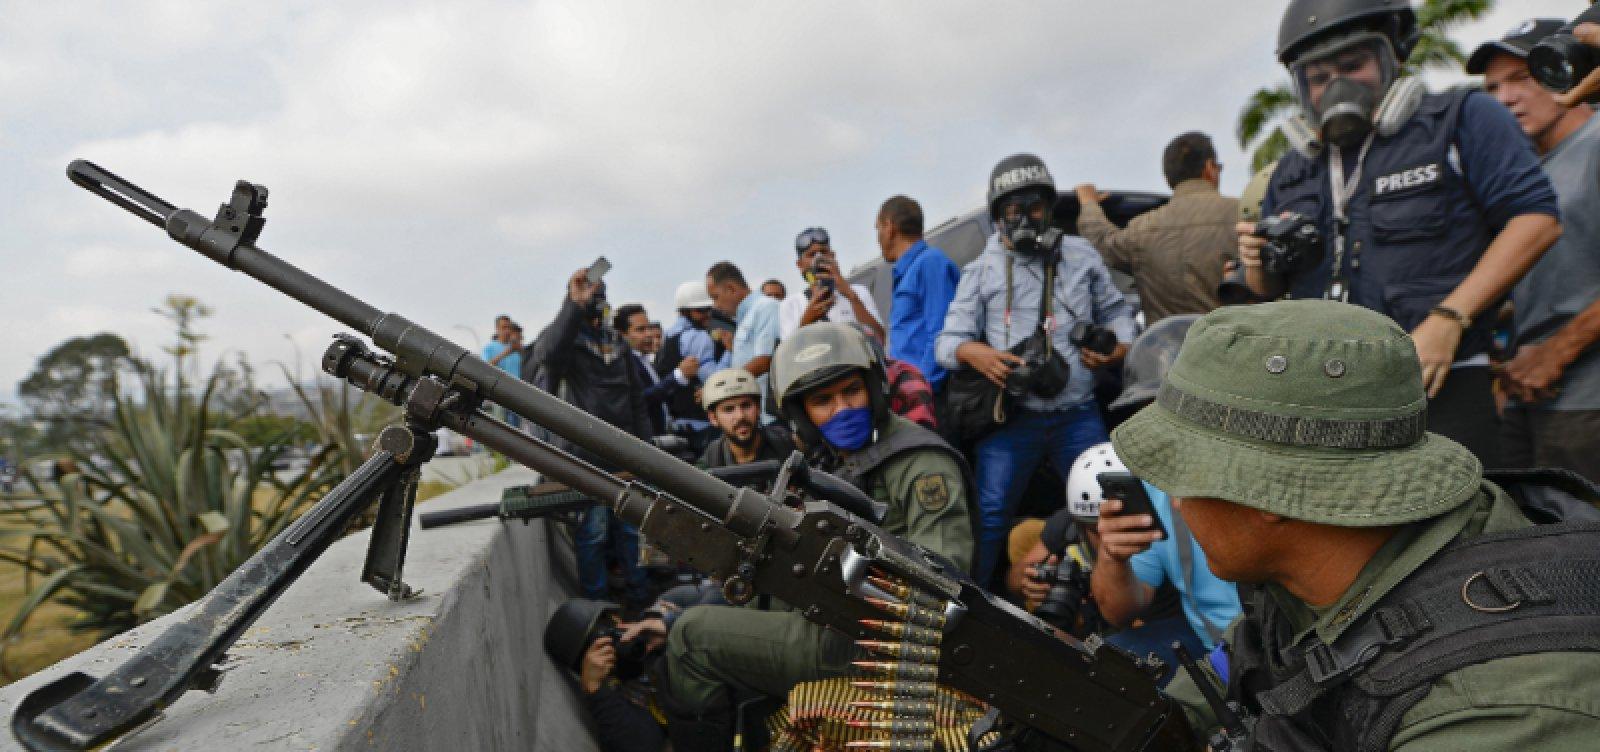 [Brasil autoriza asilo a 25 militares venezuelanos em embaixada]